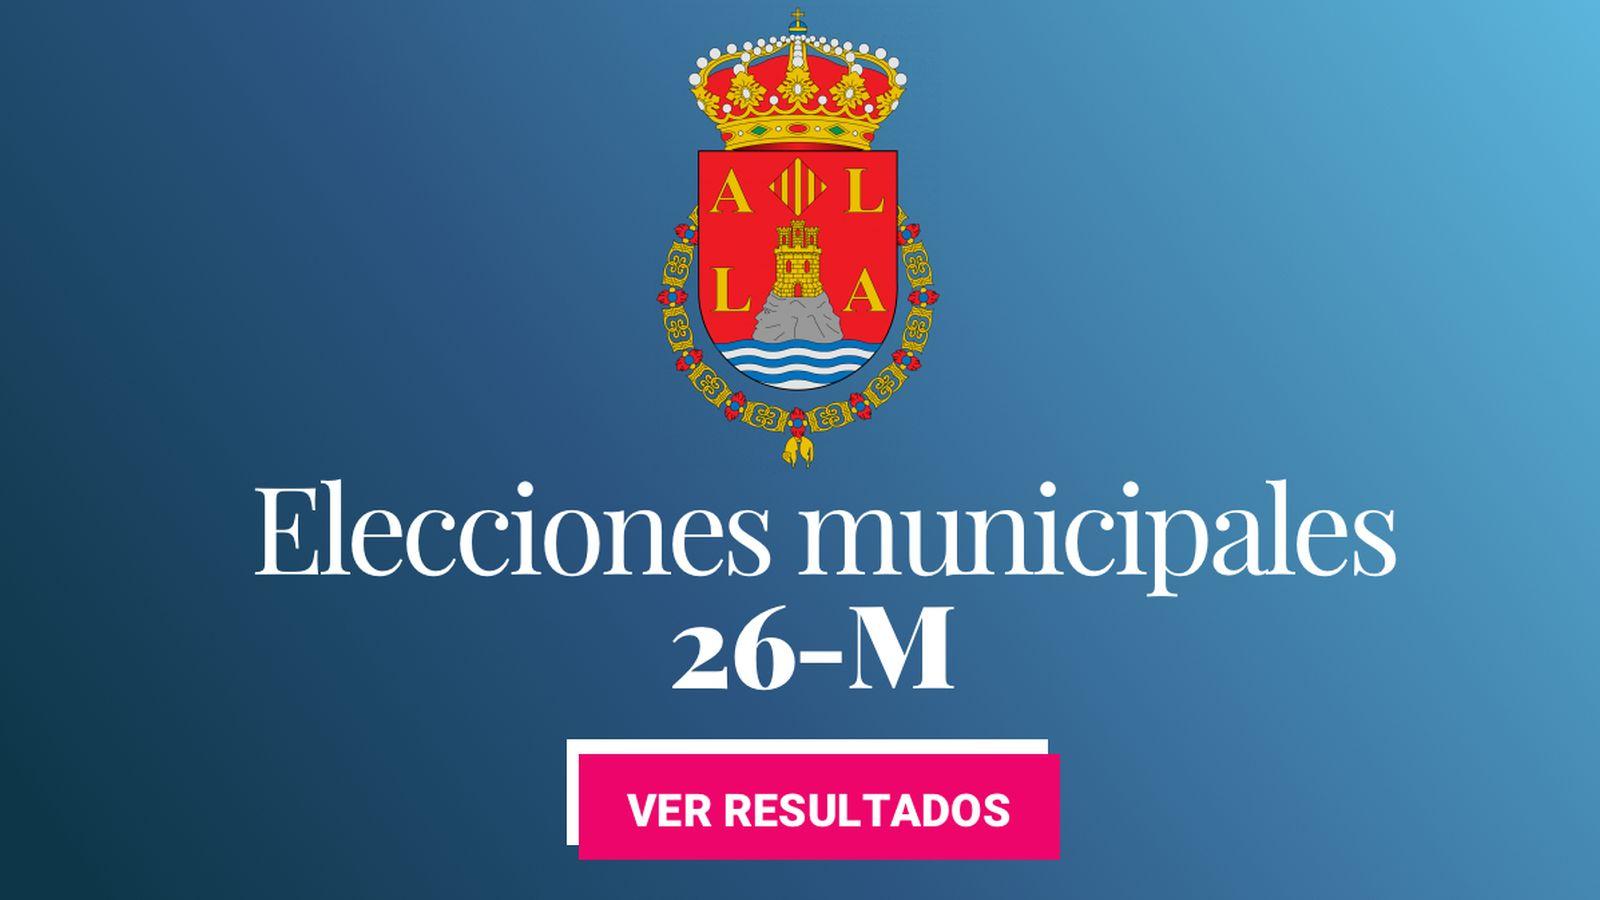 Foto: Elecciones municipales 2019 en Alicante. (C.C./EC)